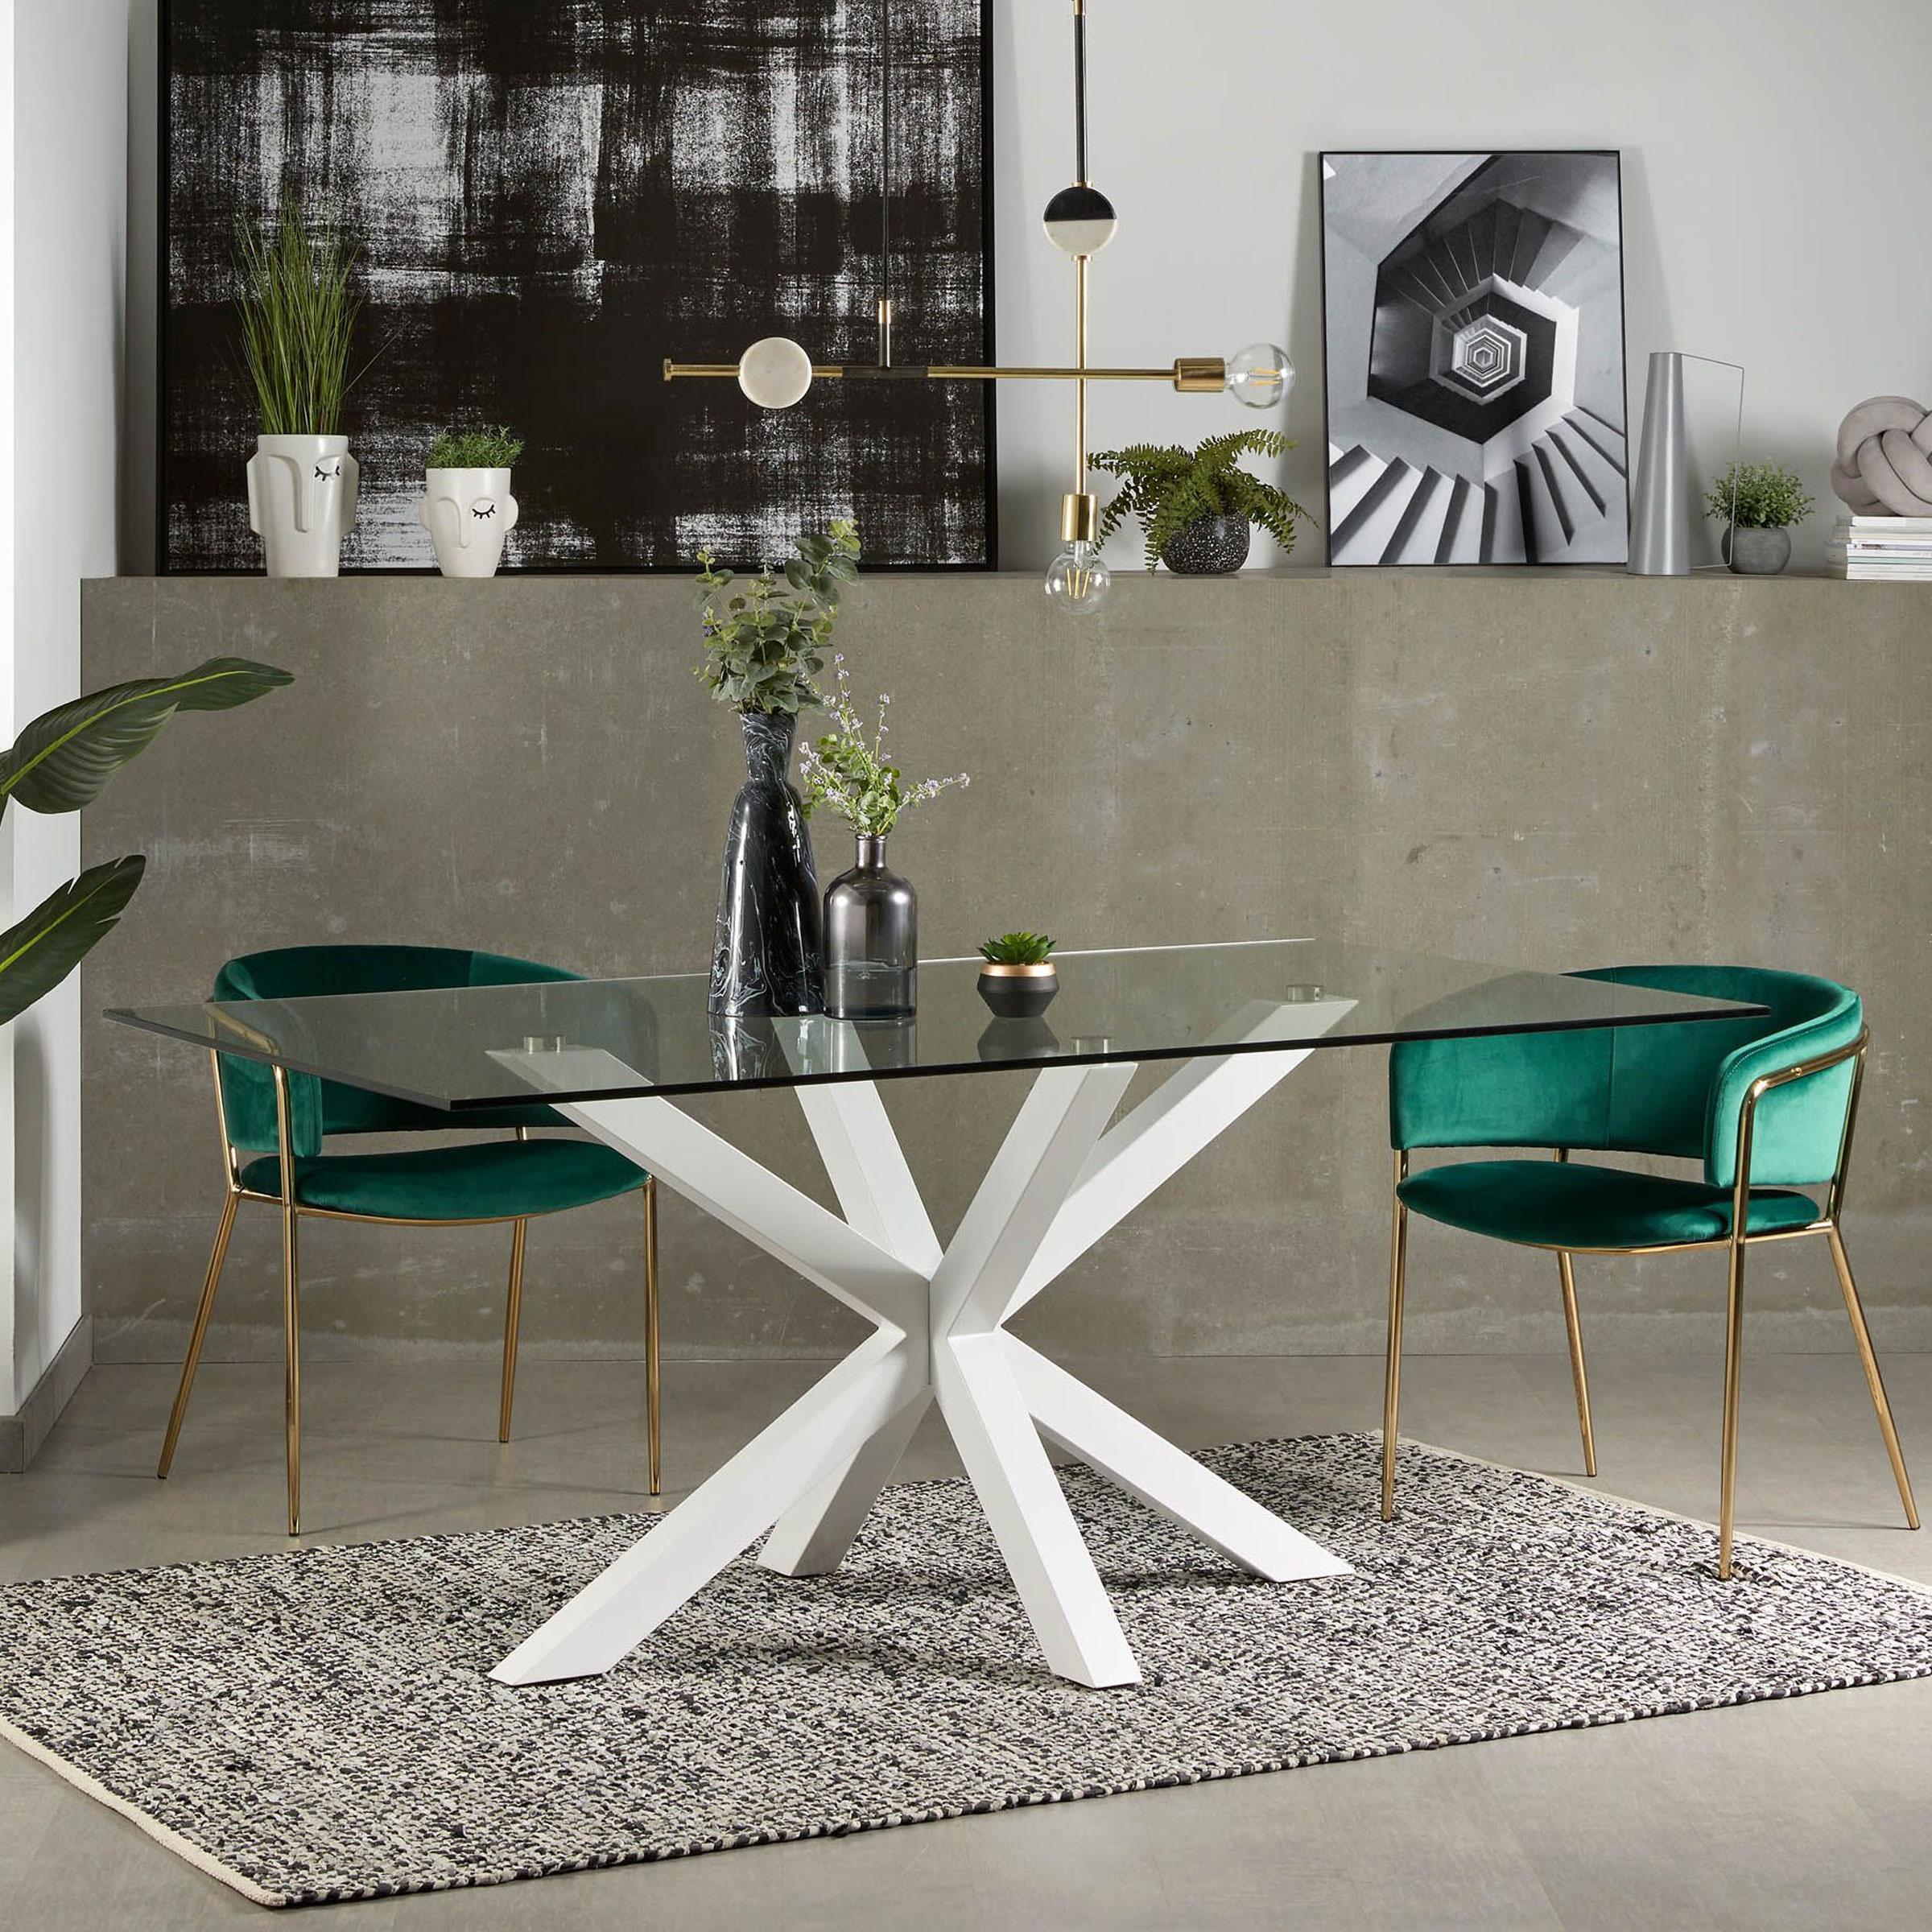 Kave Home glazen eettafel 'Argo' met wit onderstel, 160 x 90cm